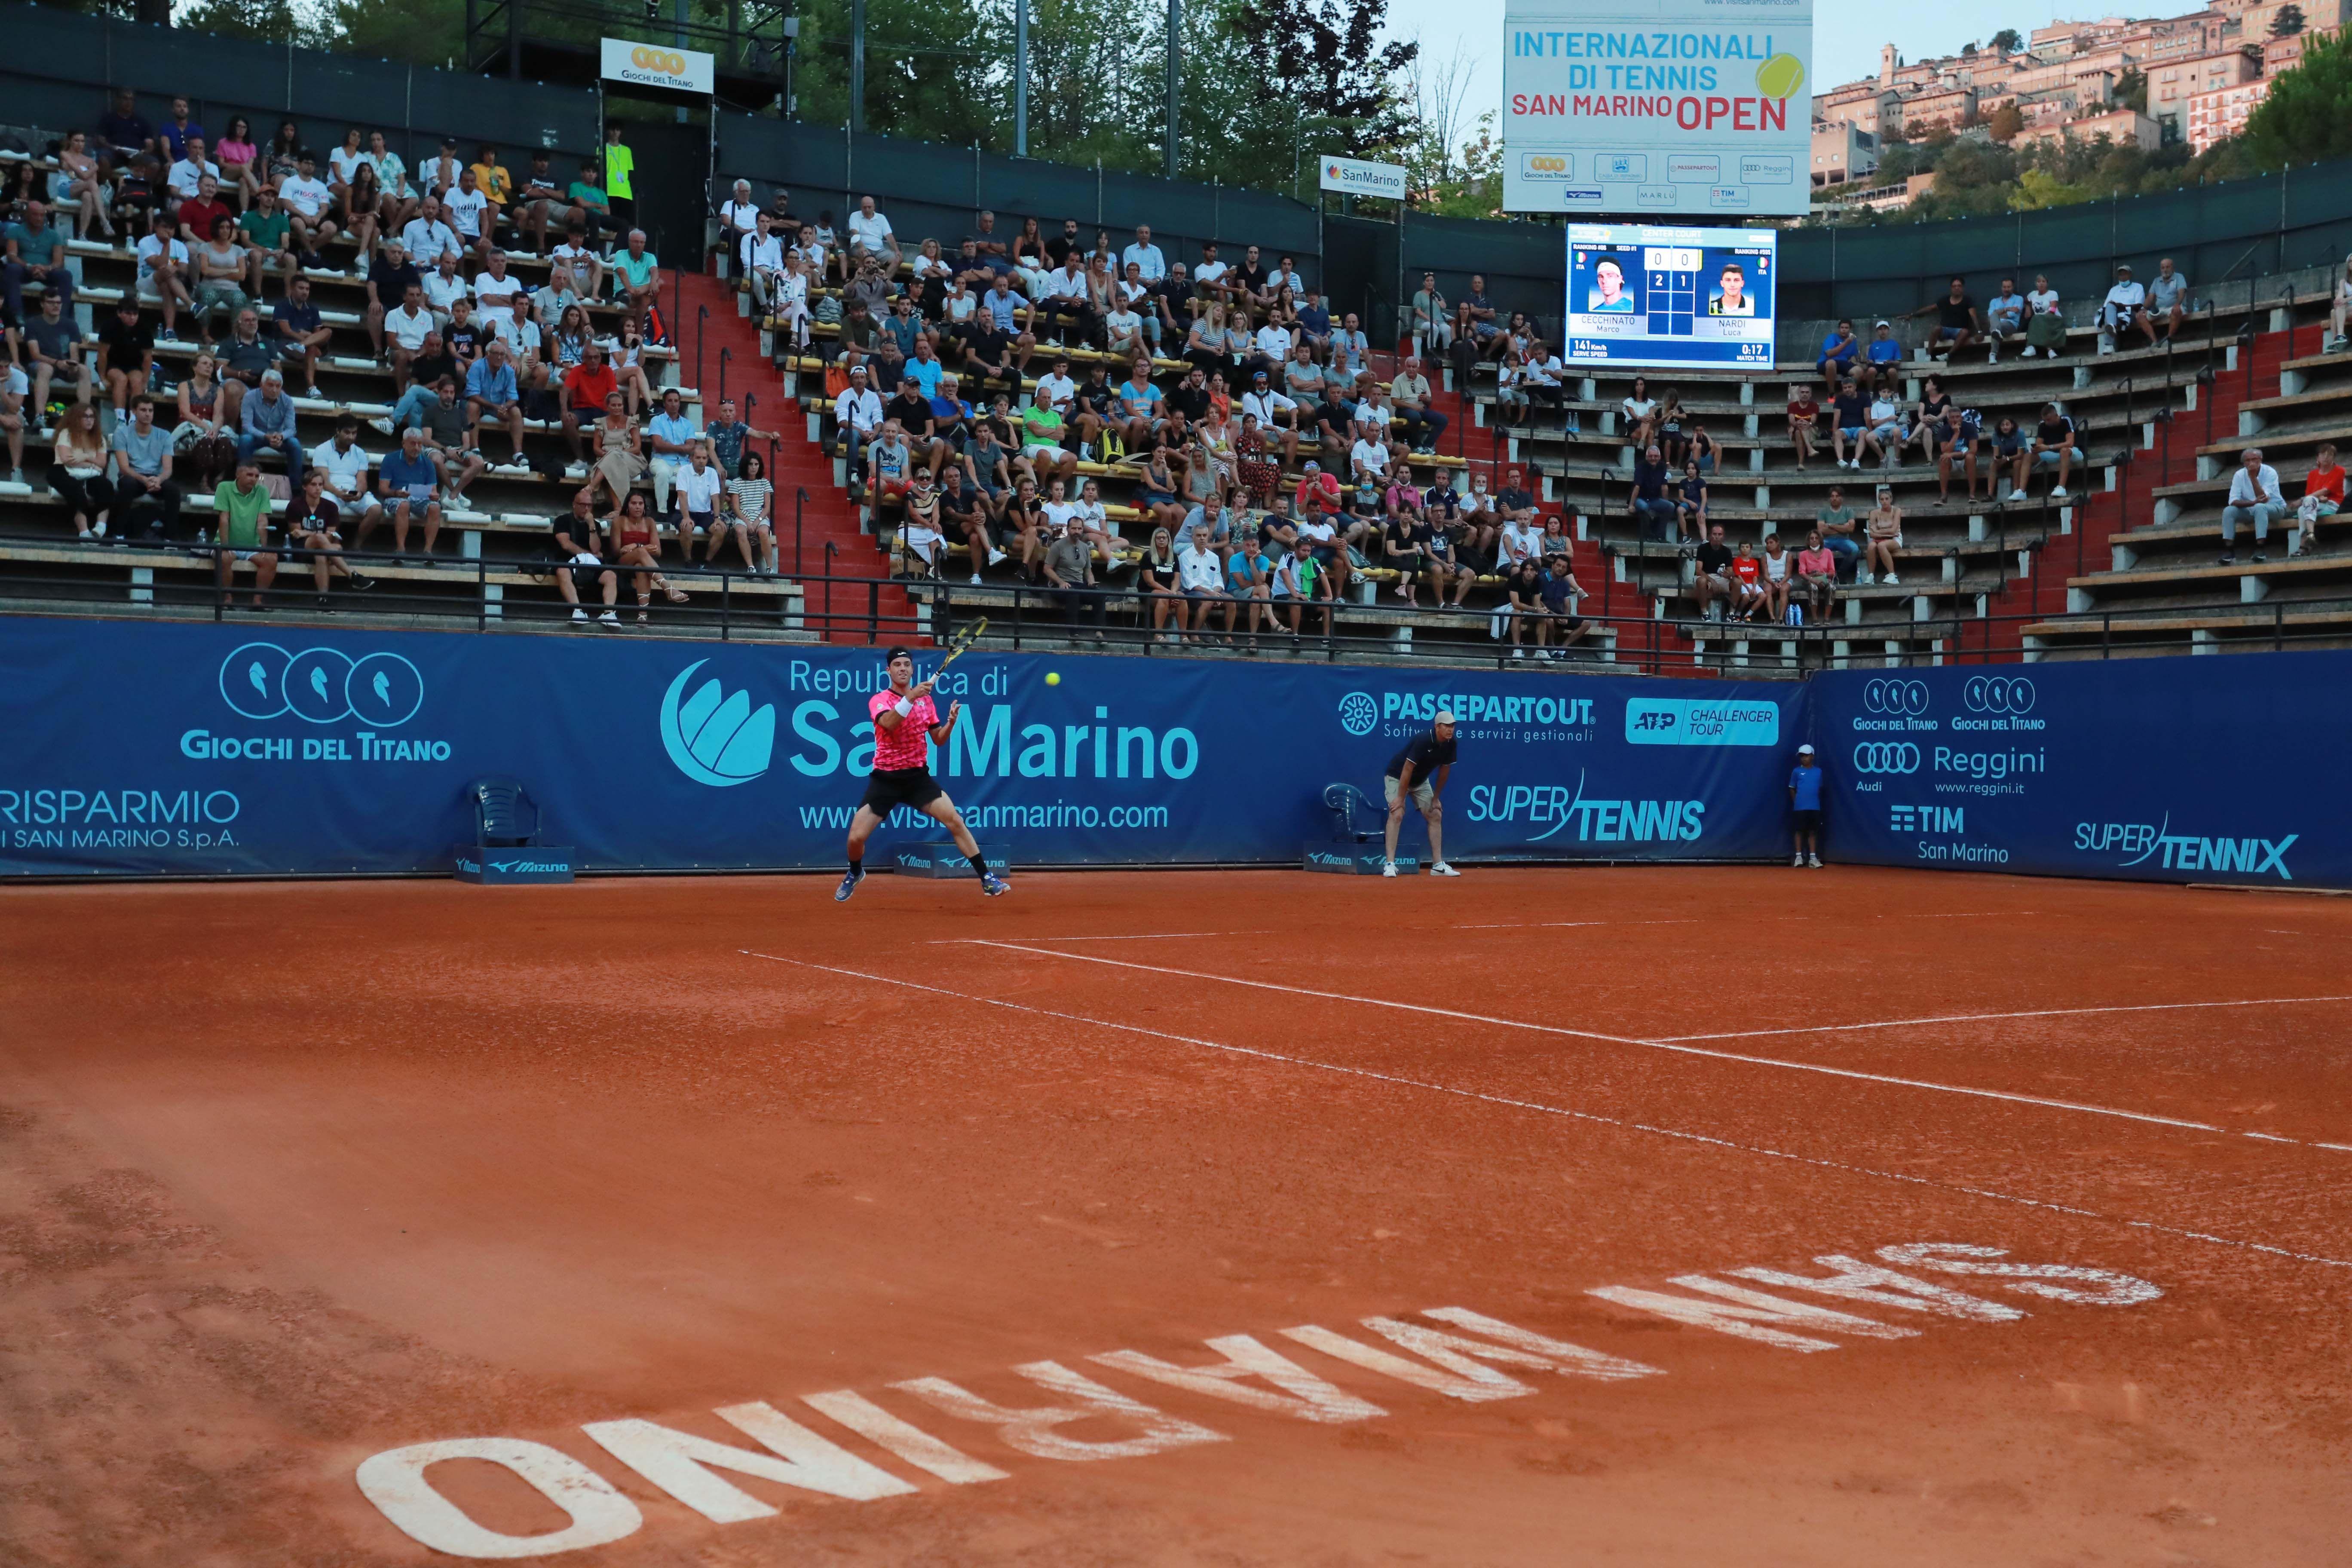 Bilancio conclusivo del torneo di San Marino